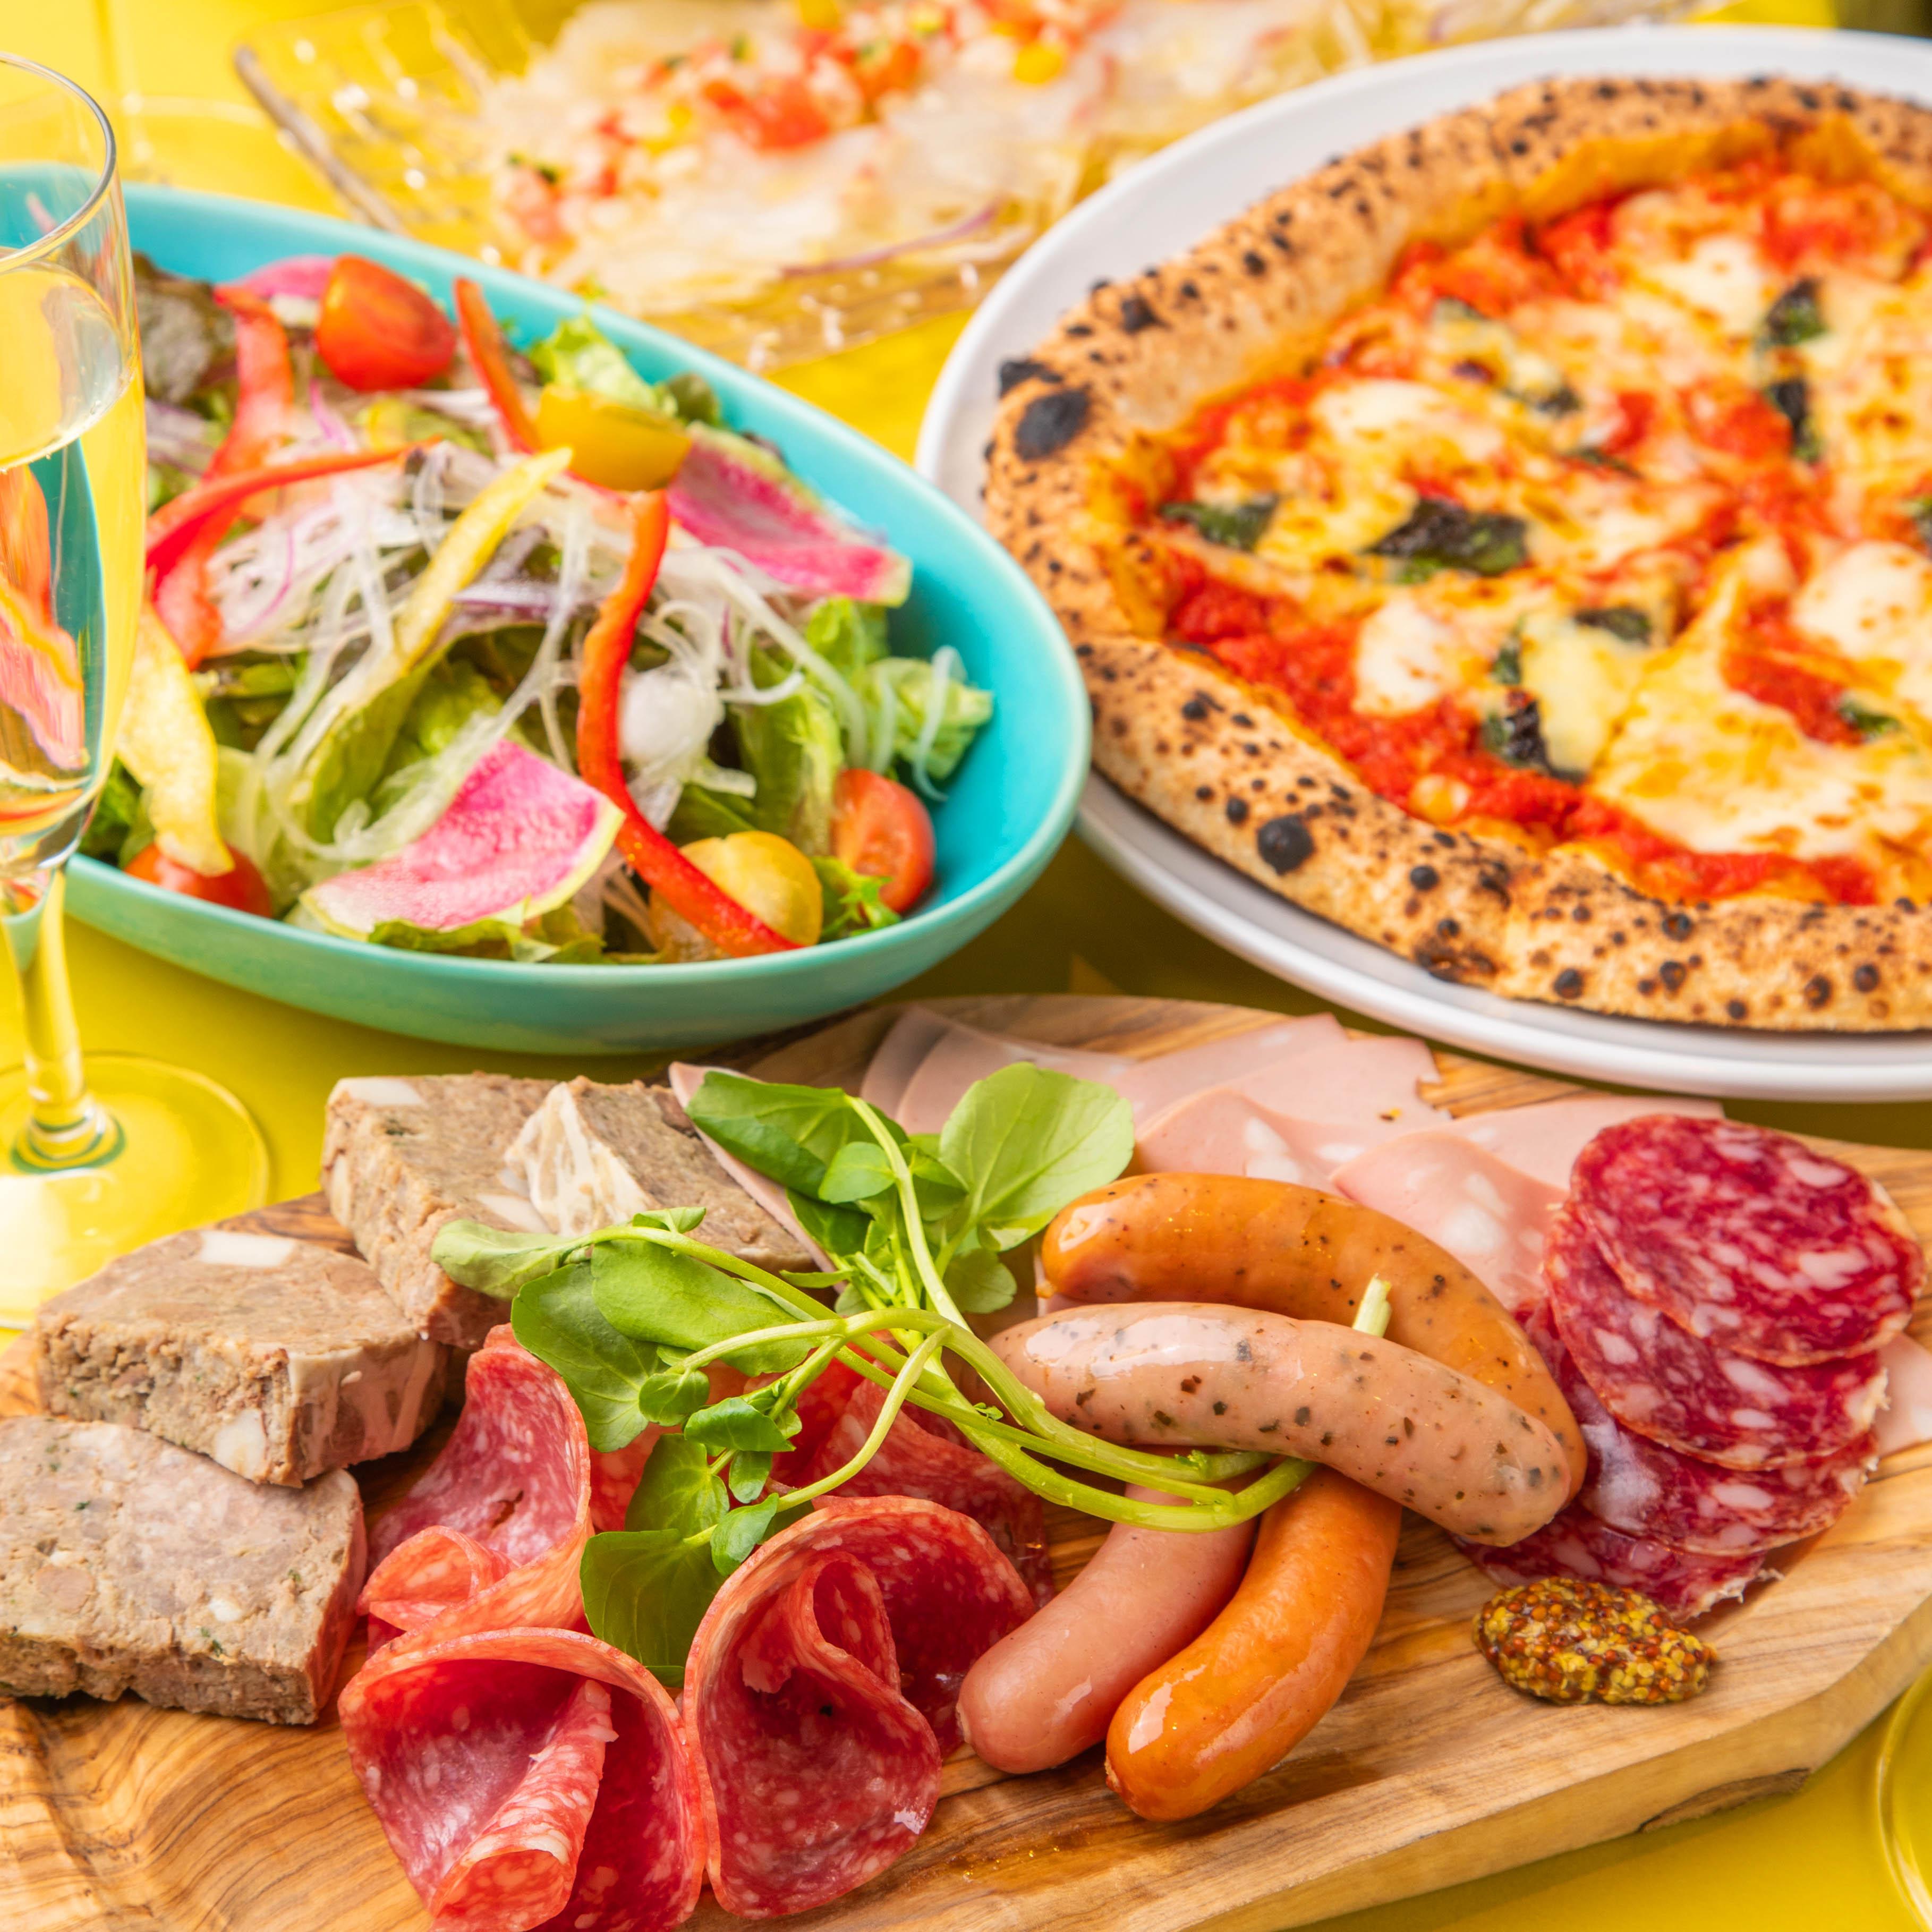 [2時間樽生スパークリング含む飲み放題] 【Pizza×肉×パスタ】ドンコナスタンダードコース8品